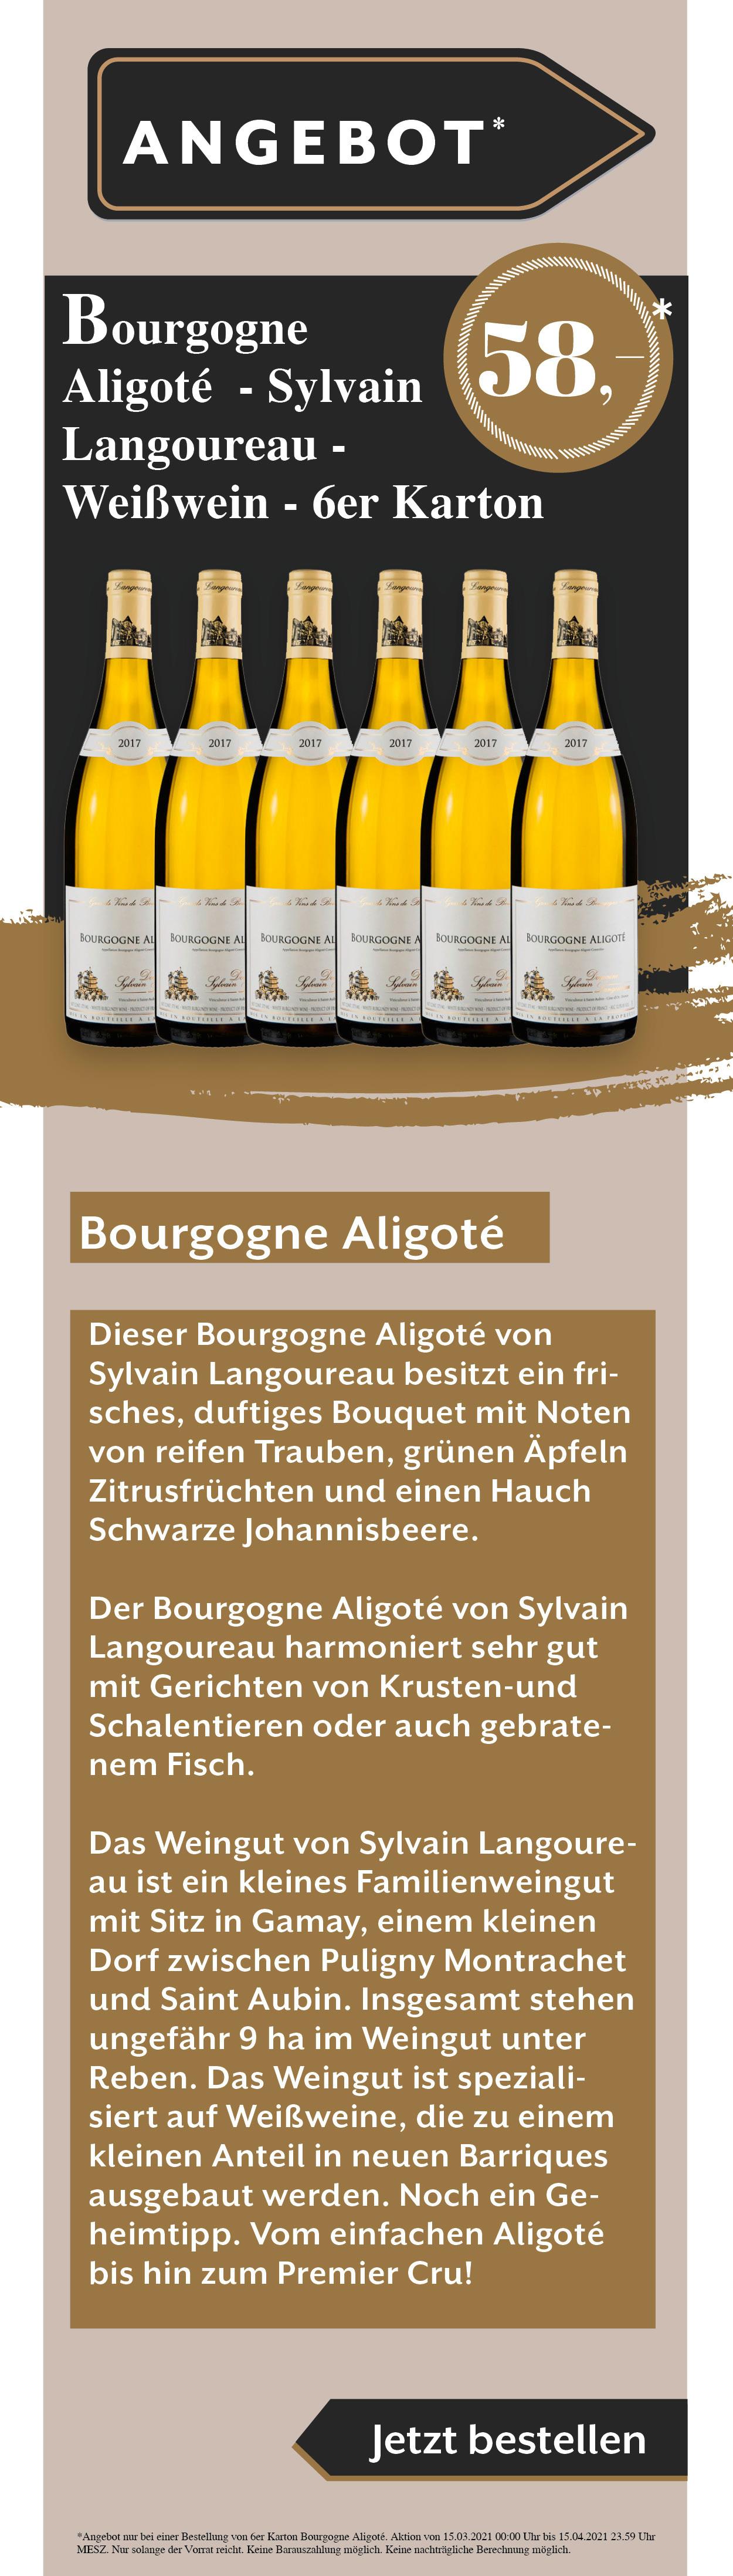 Wein Sylvain Angebot Rabatt Weißwein Rotwein Rose Bourgogne Aligote Osterangebot Ostern